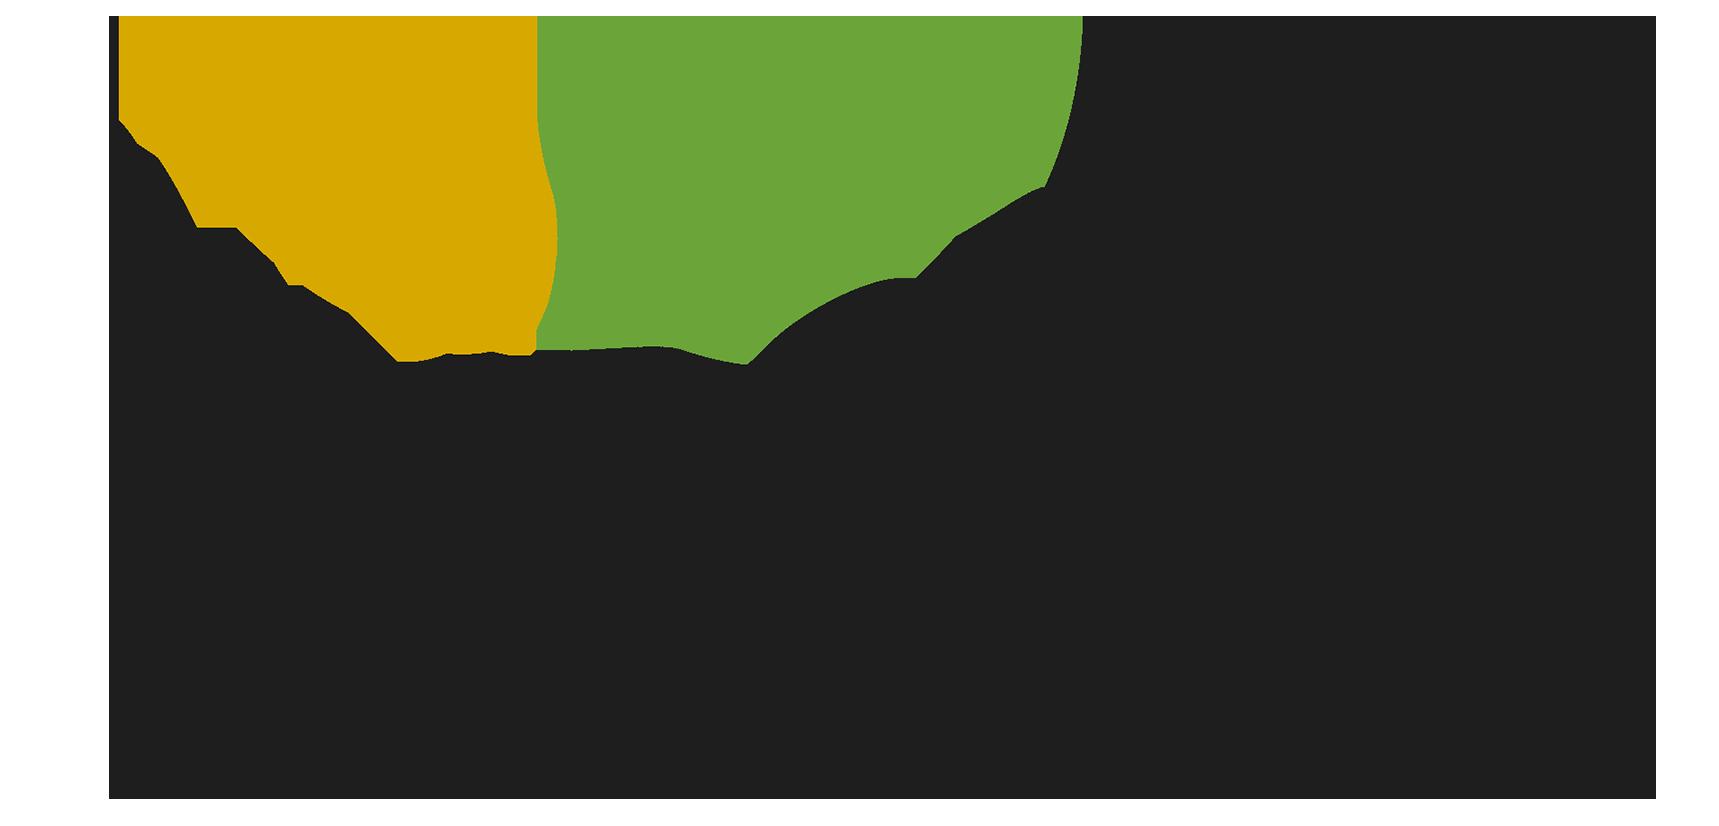 khr logo